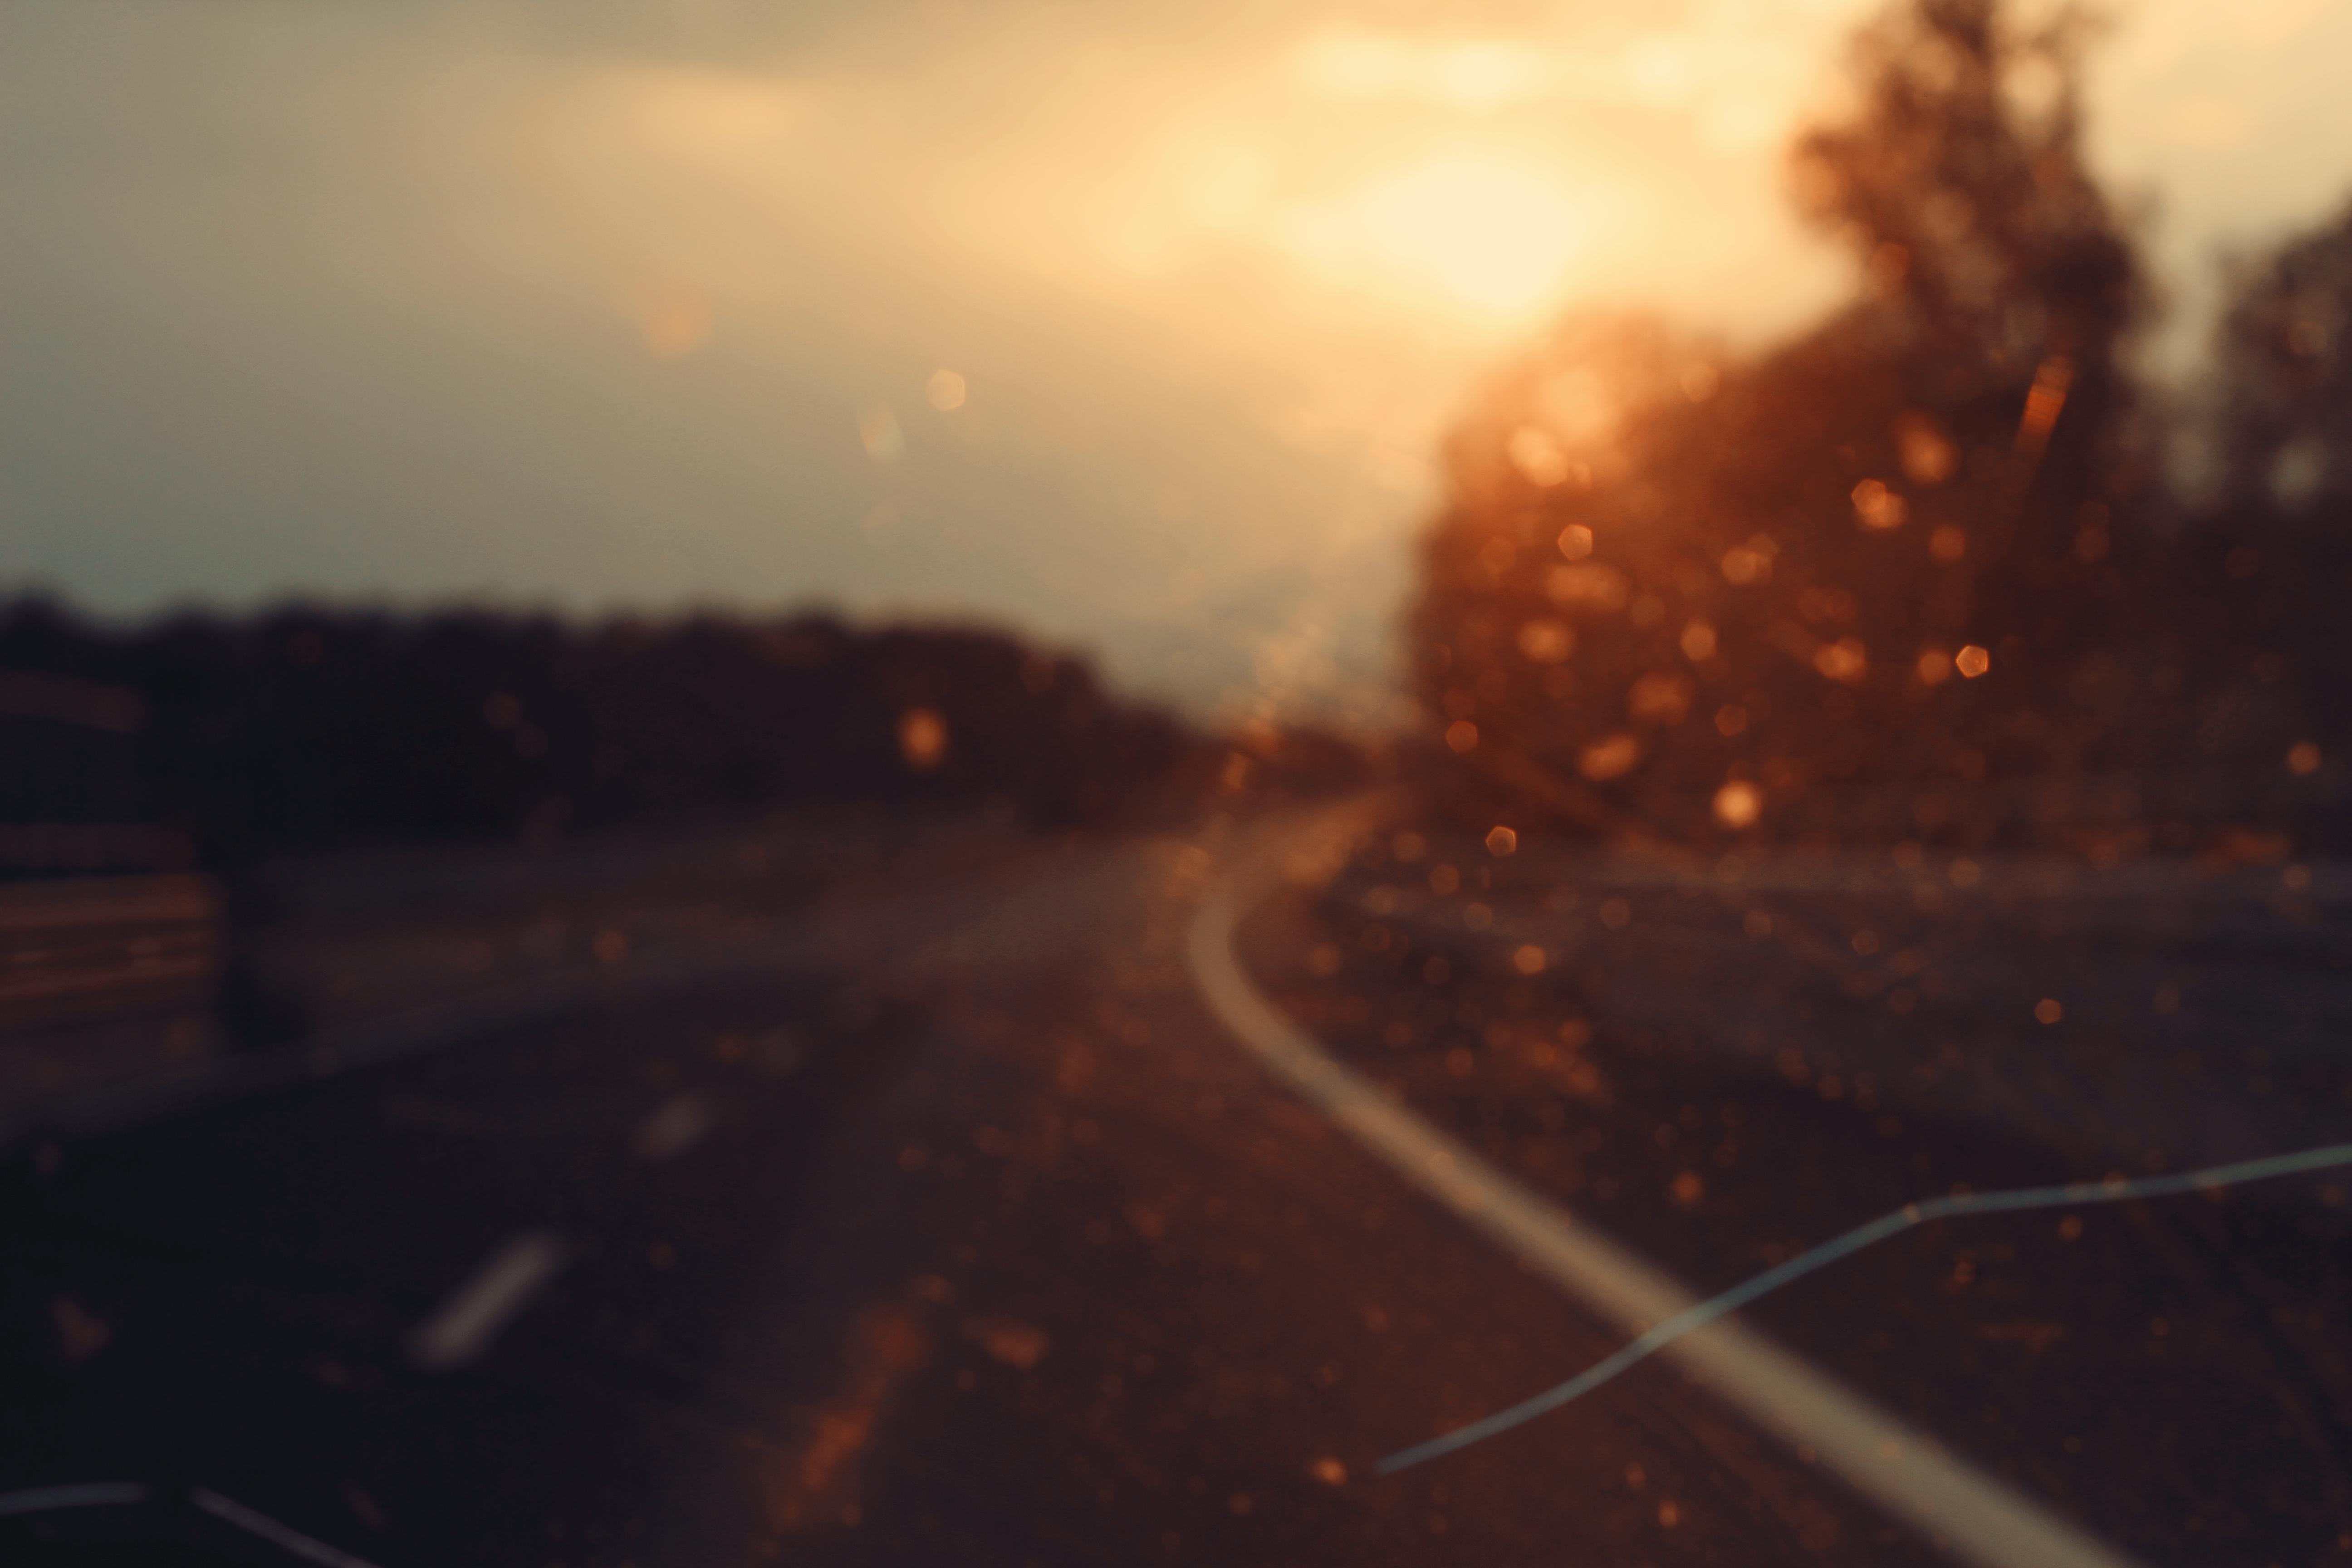 street-car-vehicle-blur